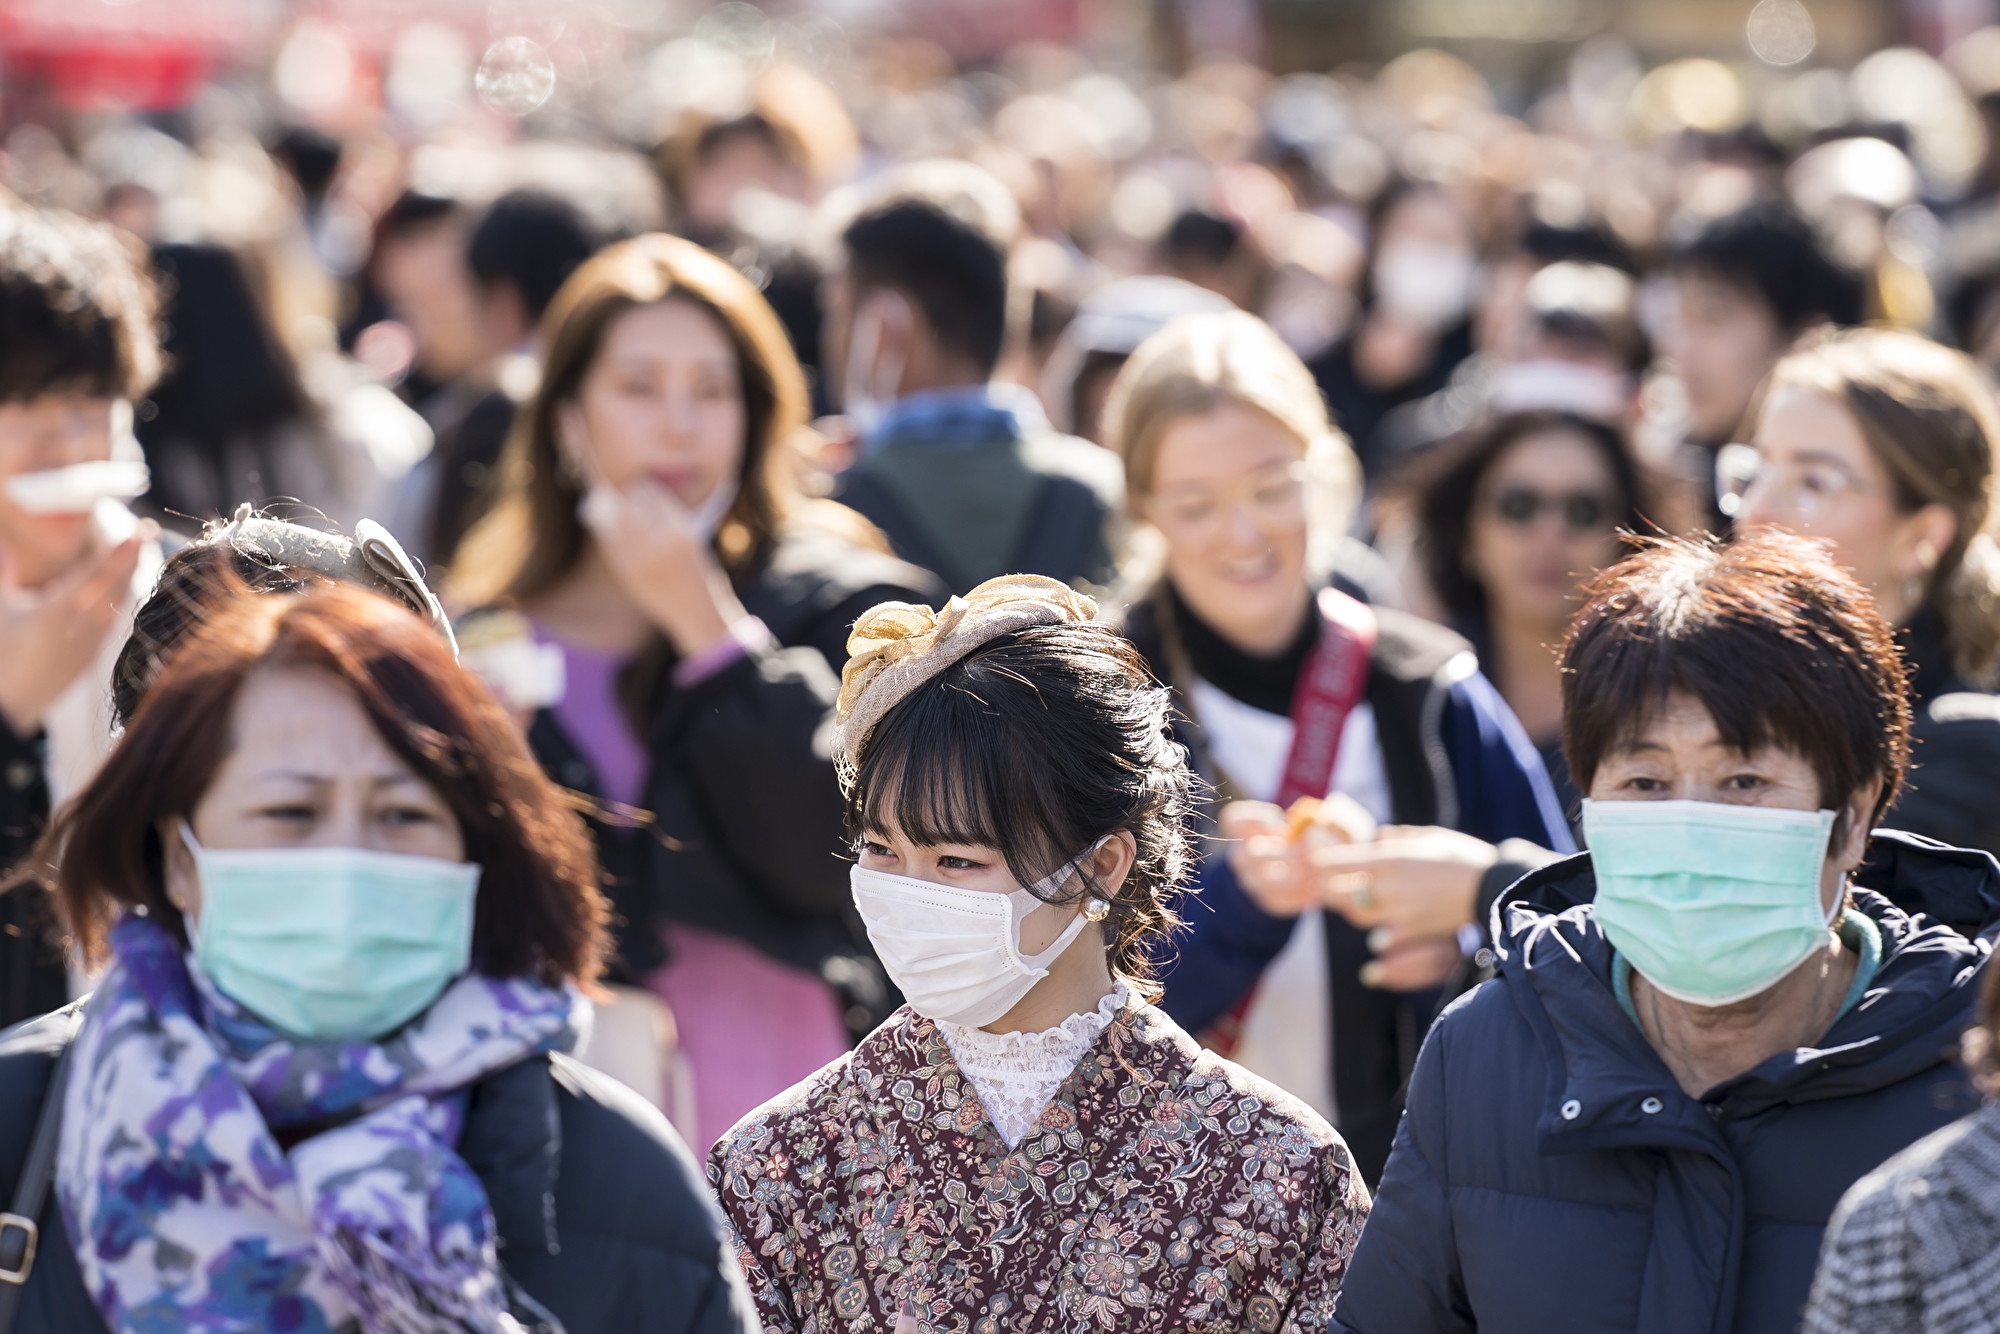 北海道至2月28日已有66例中共肺炎確診,是日本47個都道府縣中疫情最嚴重的地方。(Tomohiro Ohsumi/Getty Images)